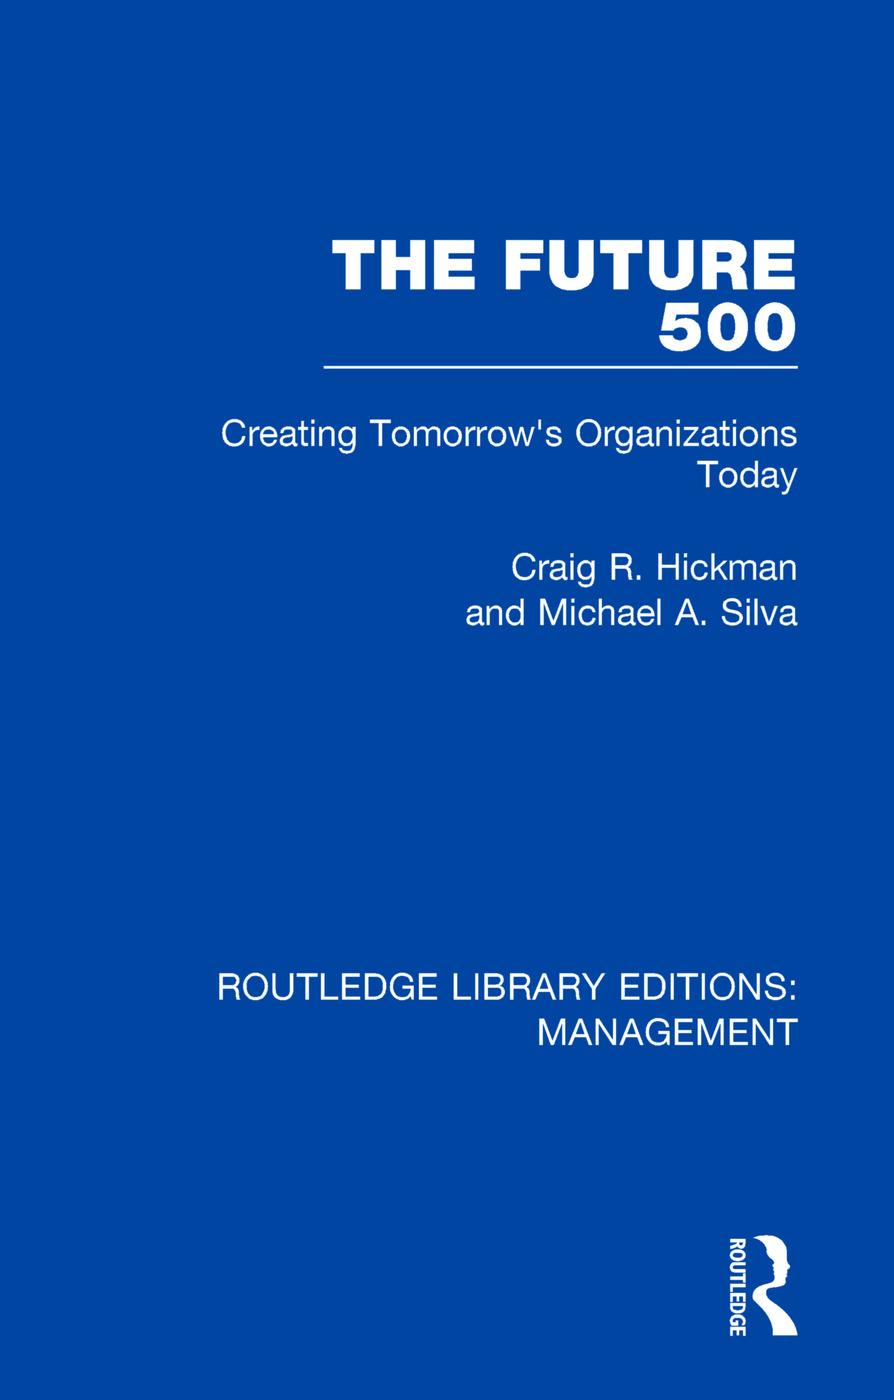 The Future 500